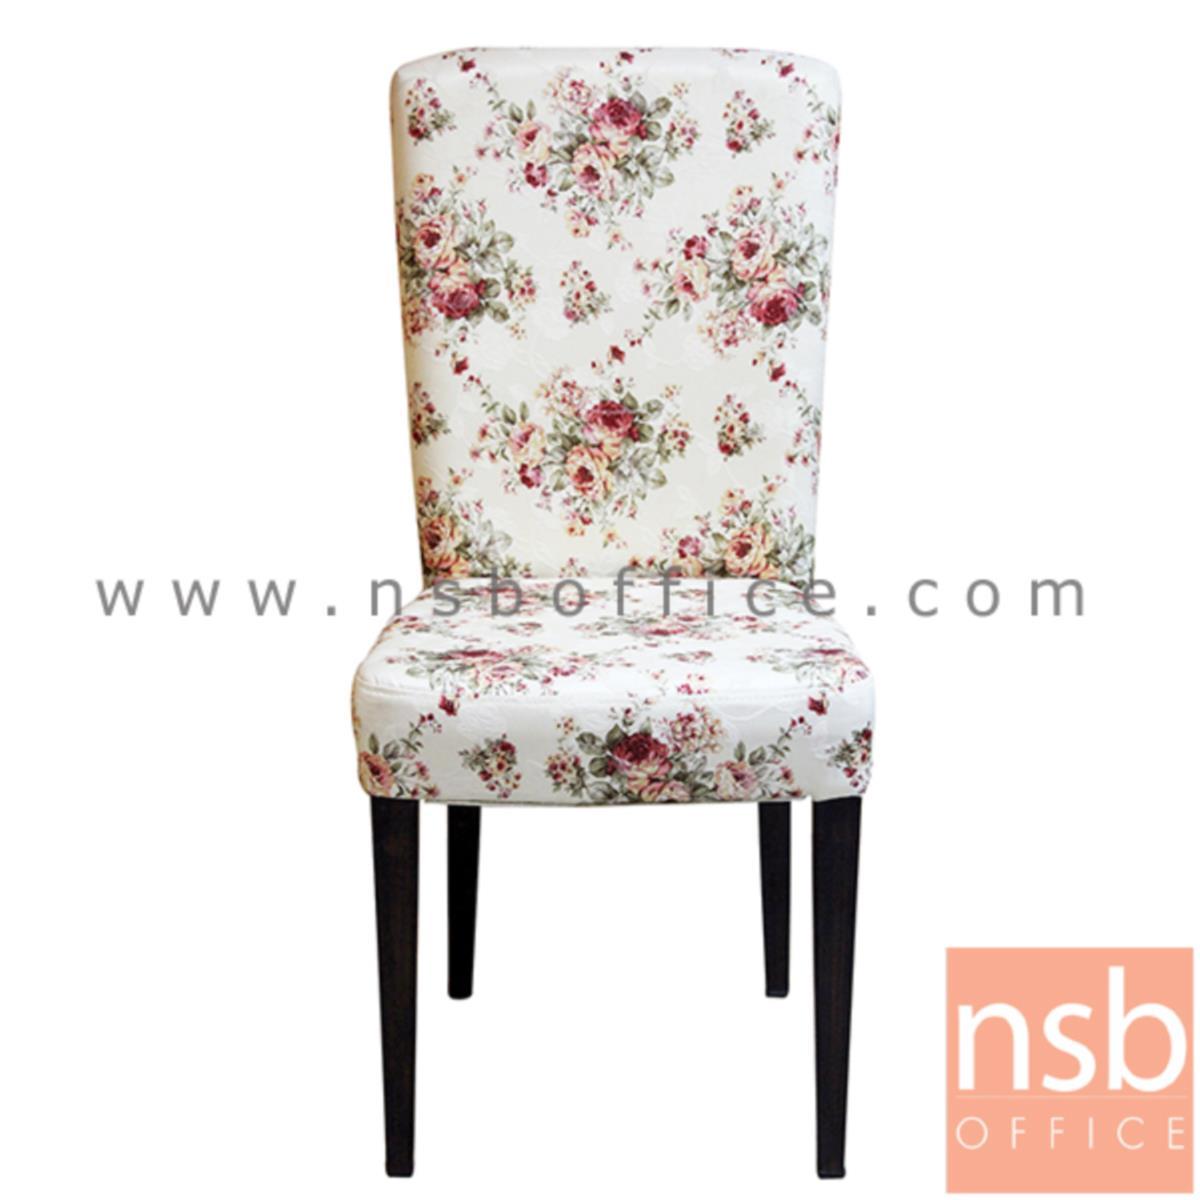 เก้าอี้เหล็กที่นั่งหุ้มหนัง PU รุ่น Zoffany (โซฟฟานี) ขาเหล็กพ่นสีไม้จริง